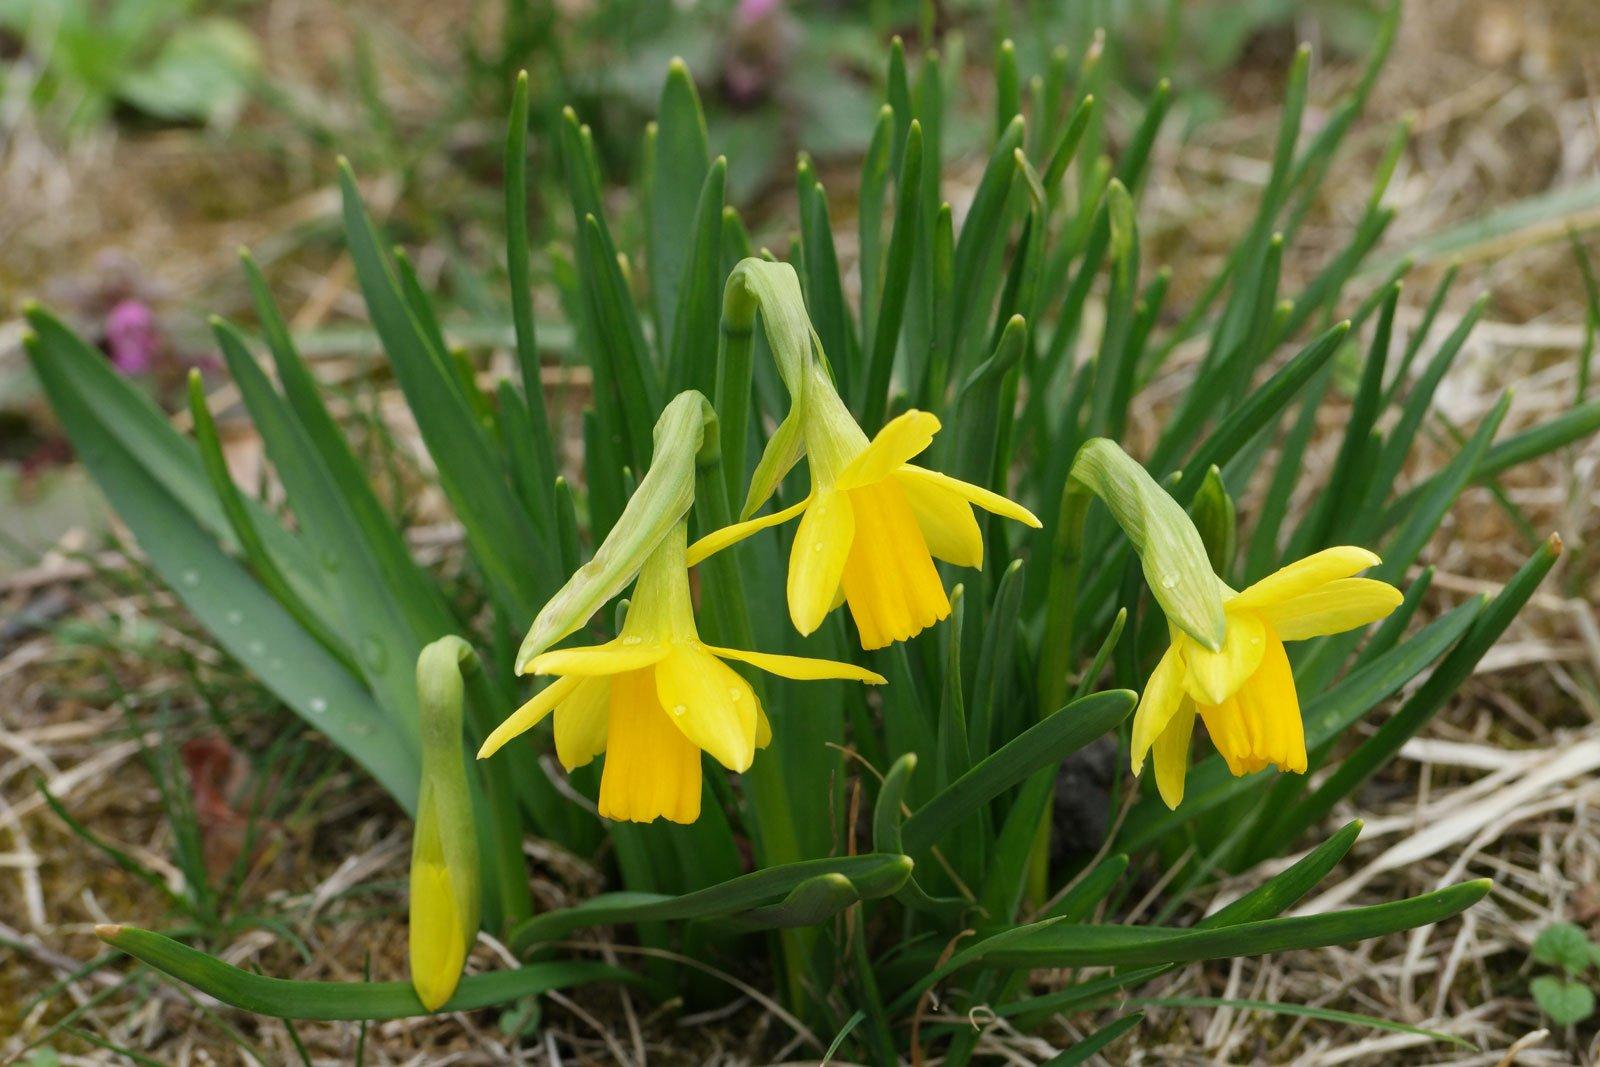 Narcissus cyclamineus Tete a Tete